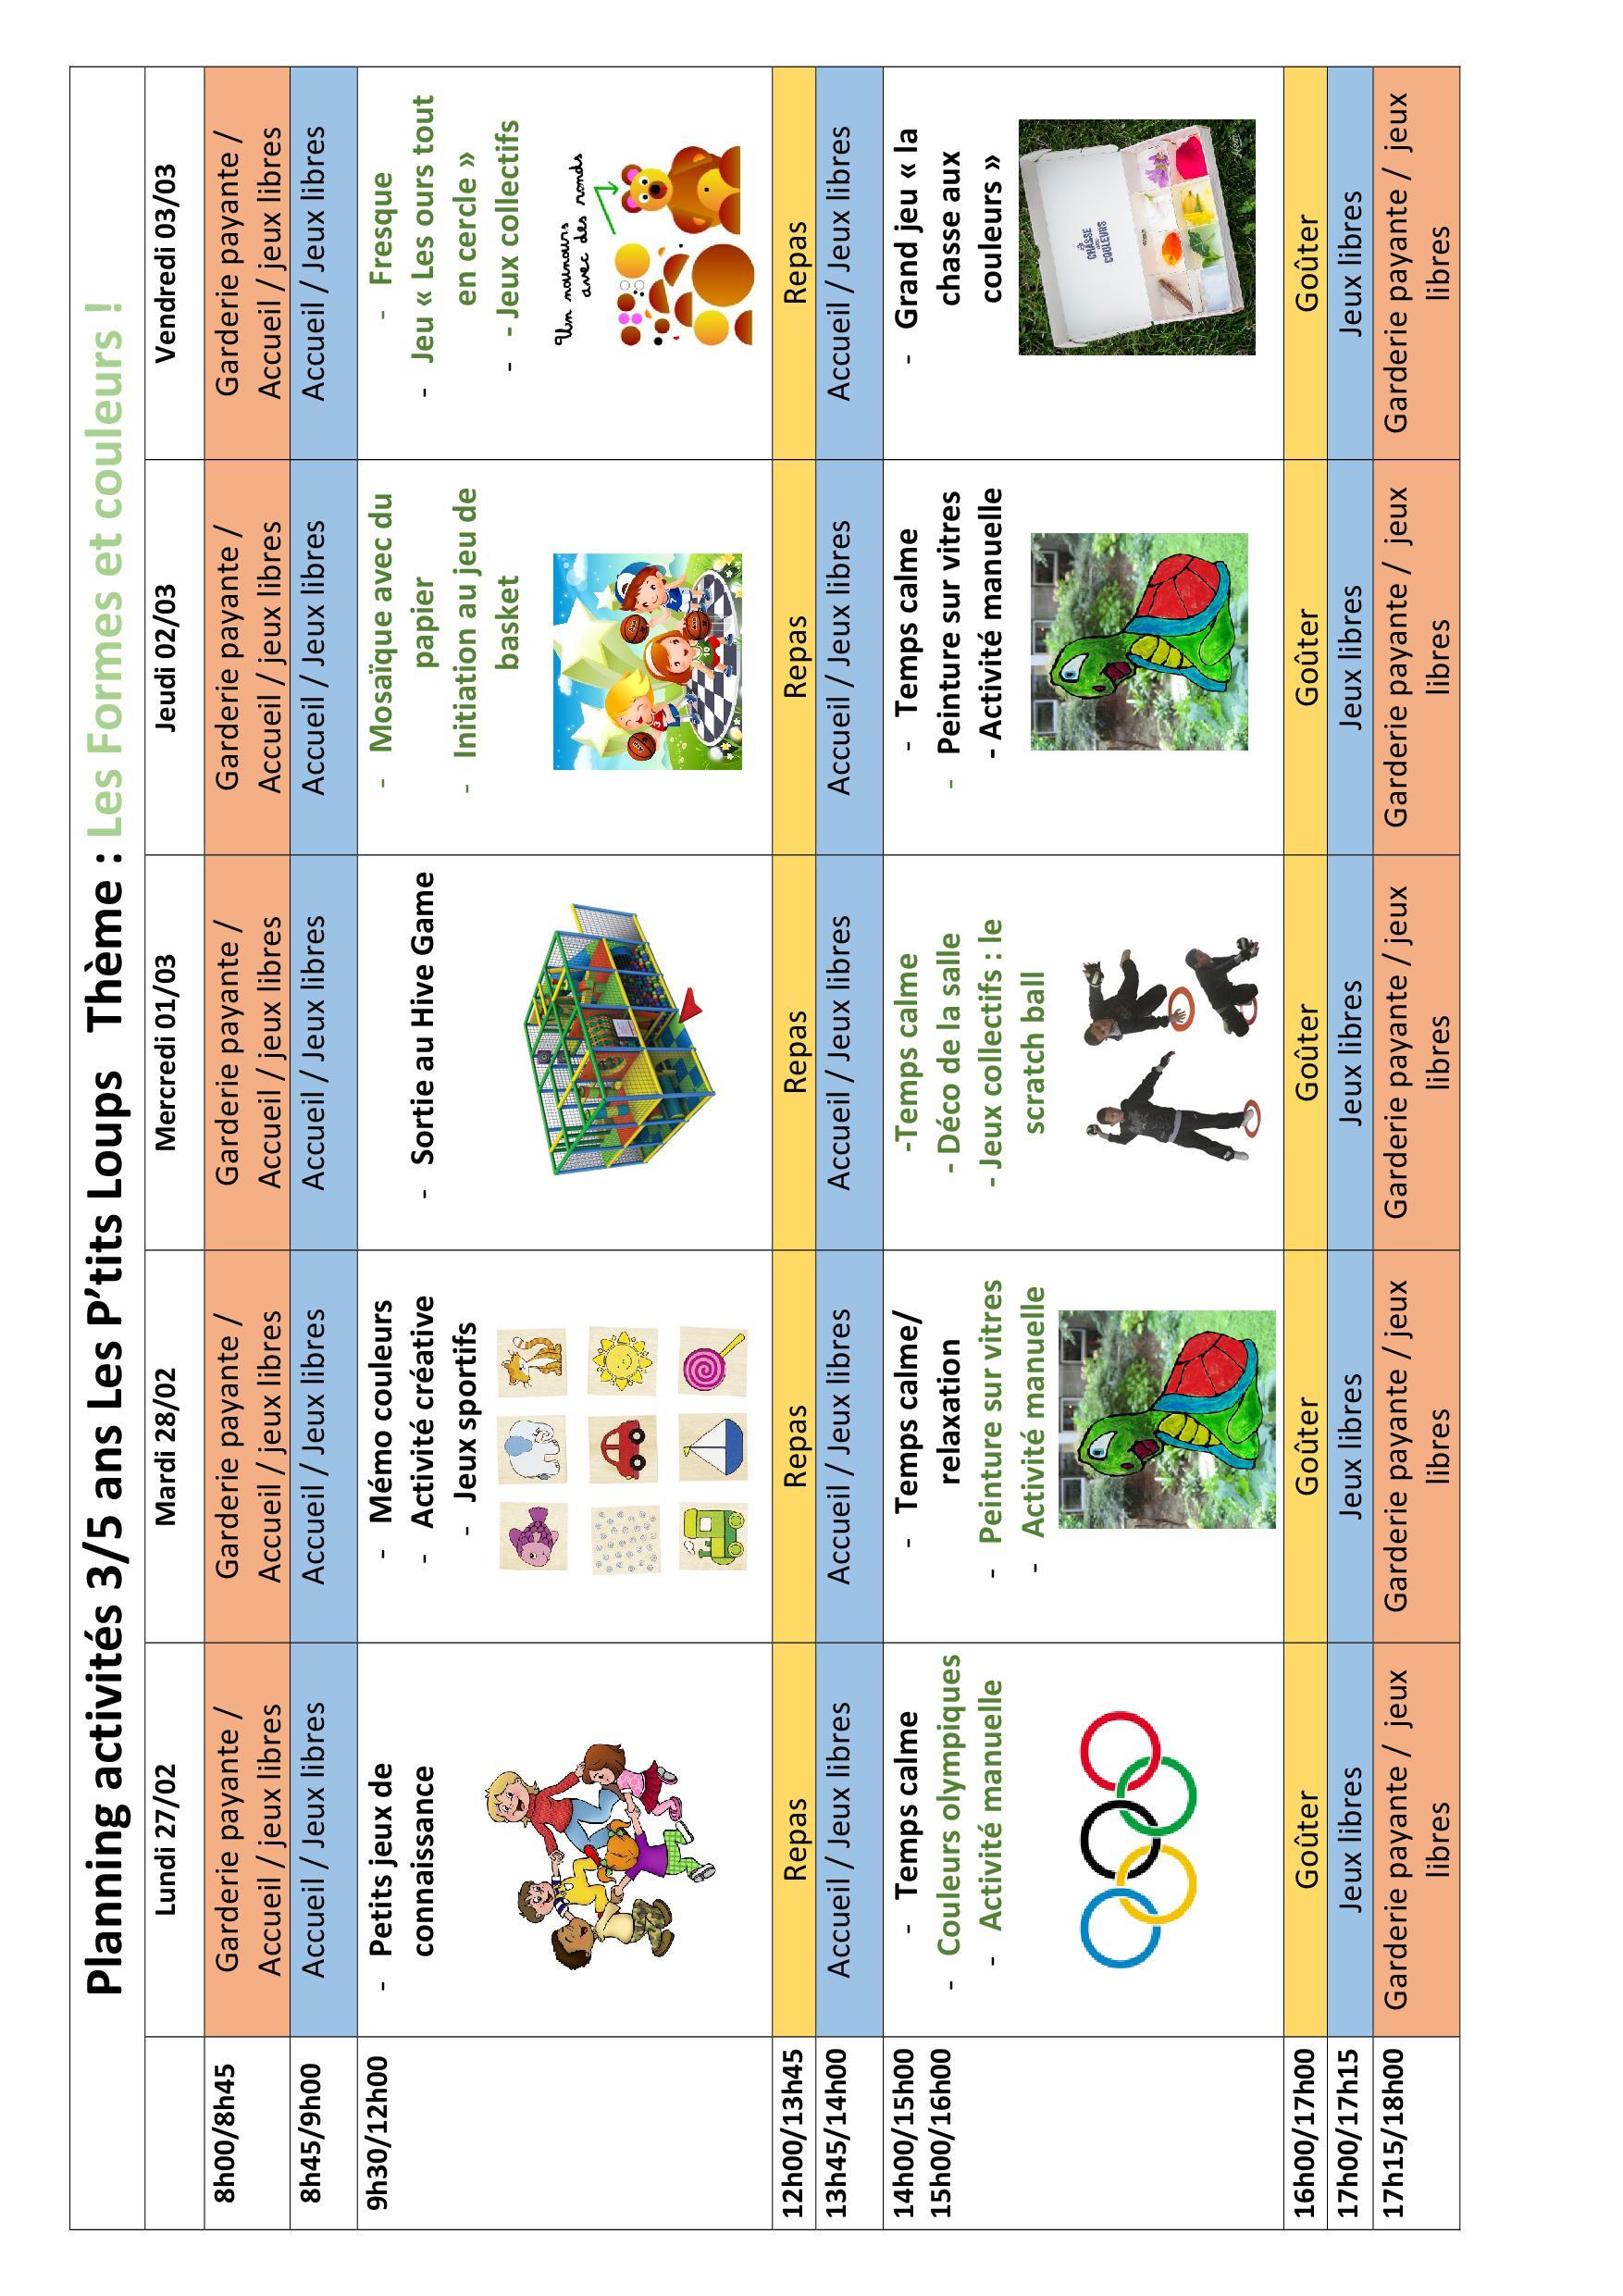 Petite-Enfance Archives - Page 4 Sur 8 - Centre Social Et concernant Petit Jeux 3 5 Ans